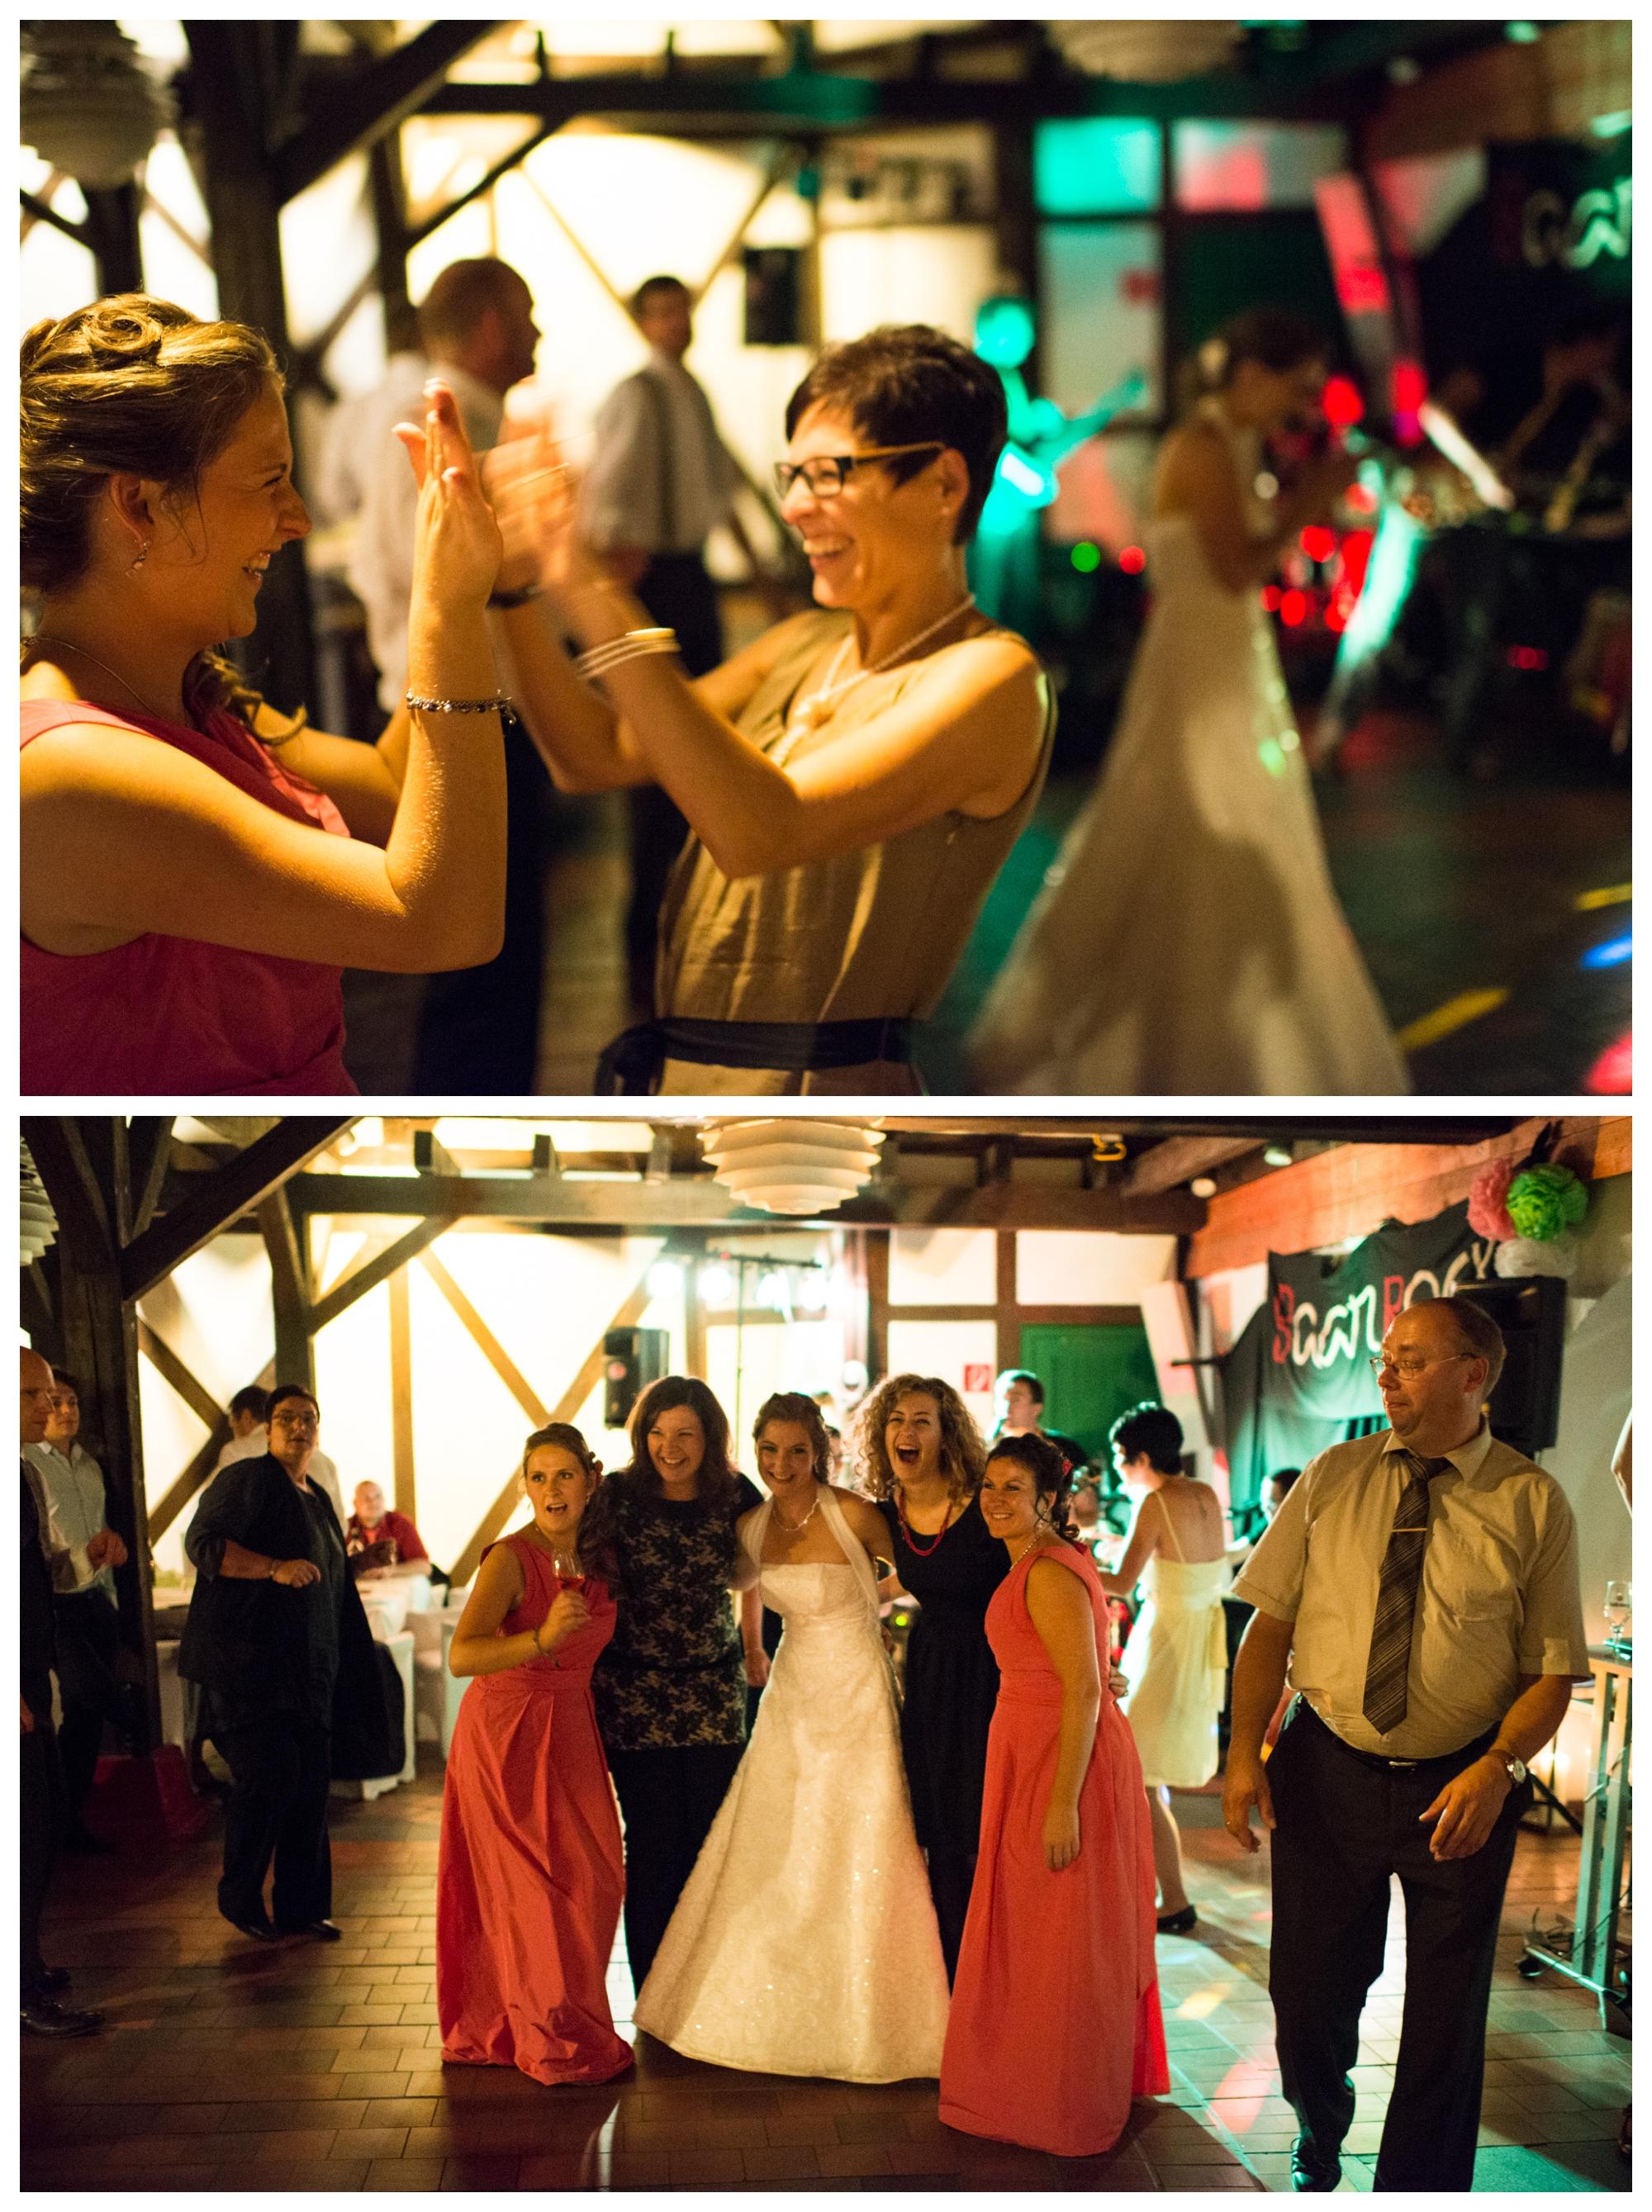 Fotograf Konstanz - 2013 12 09 0036 - Als Hochzeitsfotograf in Bad Dürrheim unterwegs  - 63 -